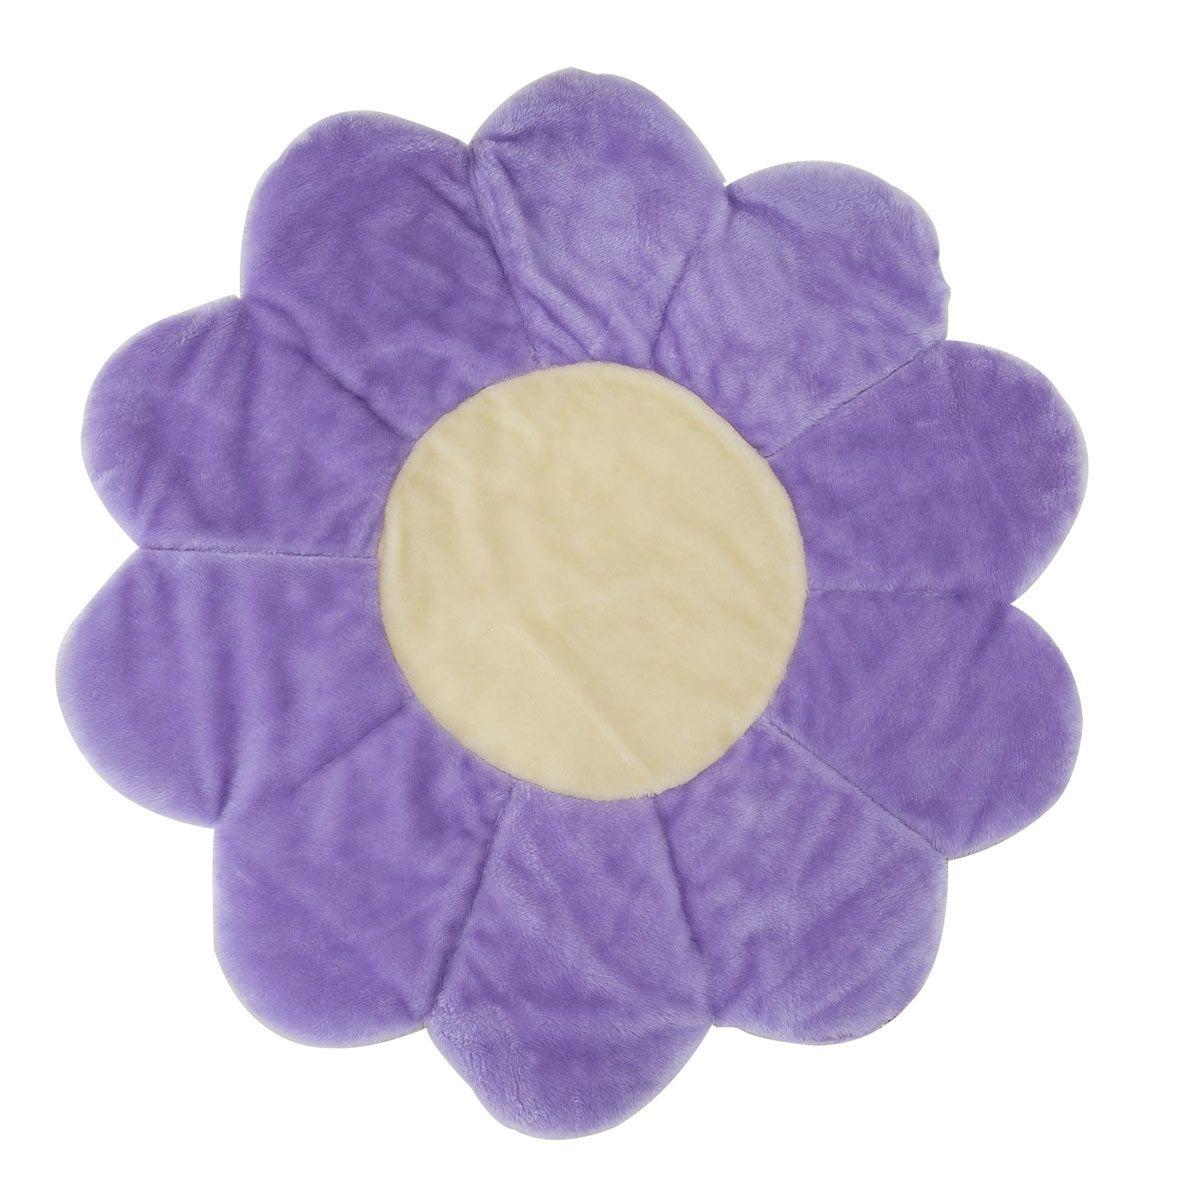 Tapete para Quarto de Bebê Flor 1,10m x 1,10 Lilás - Antialérgico